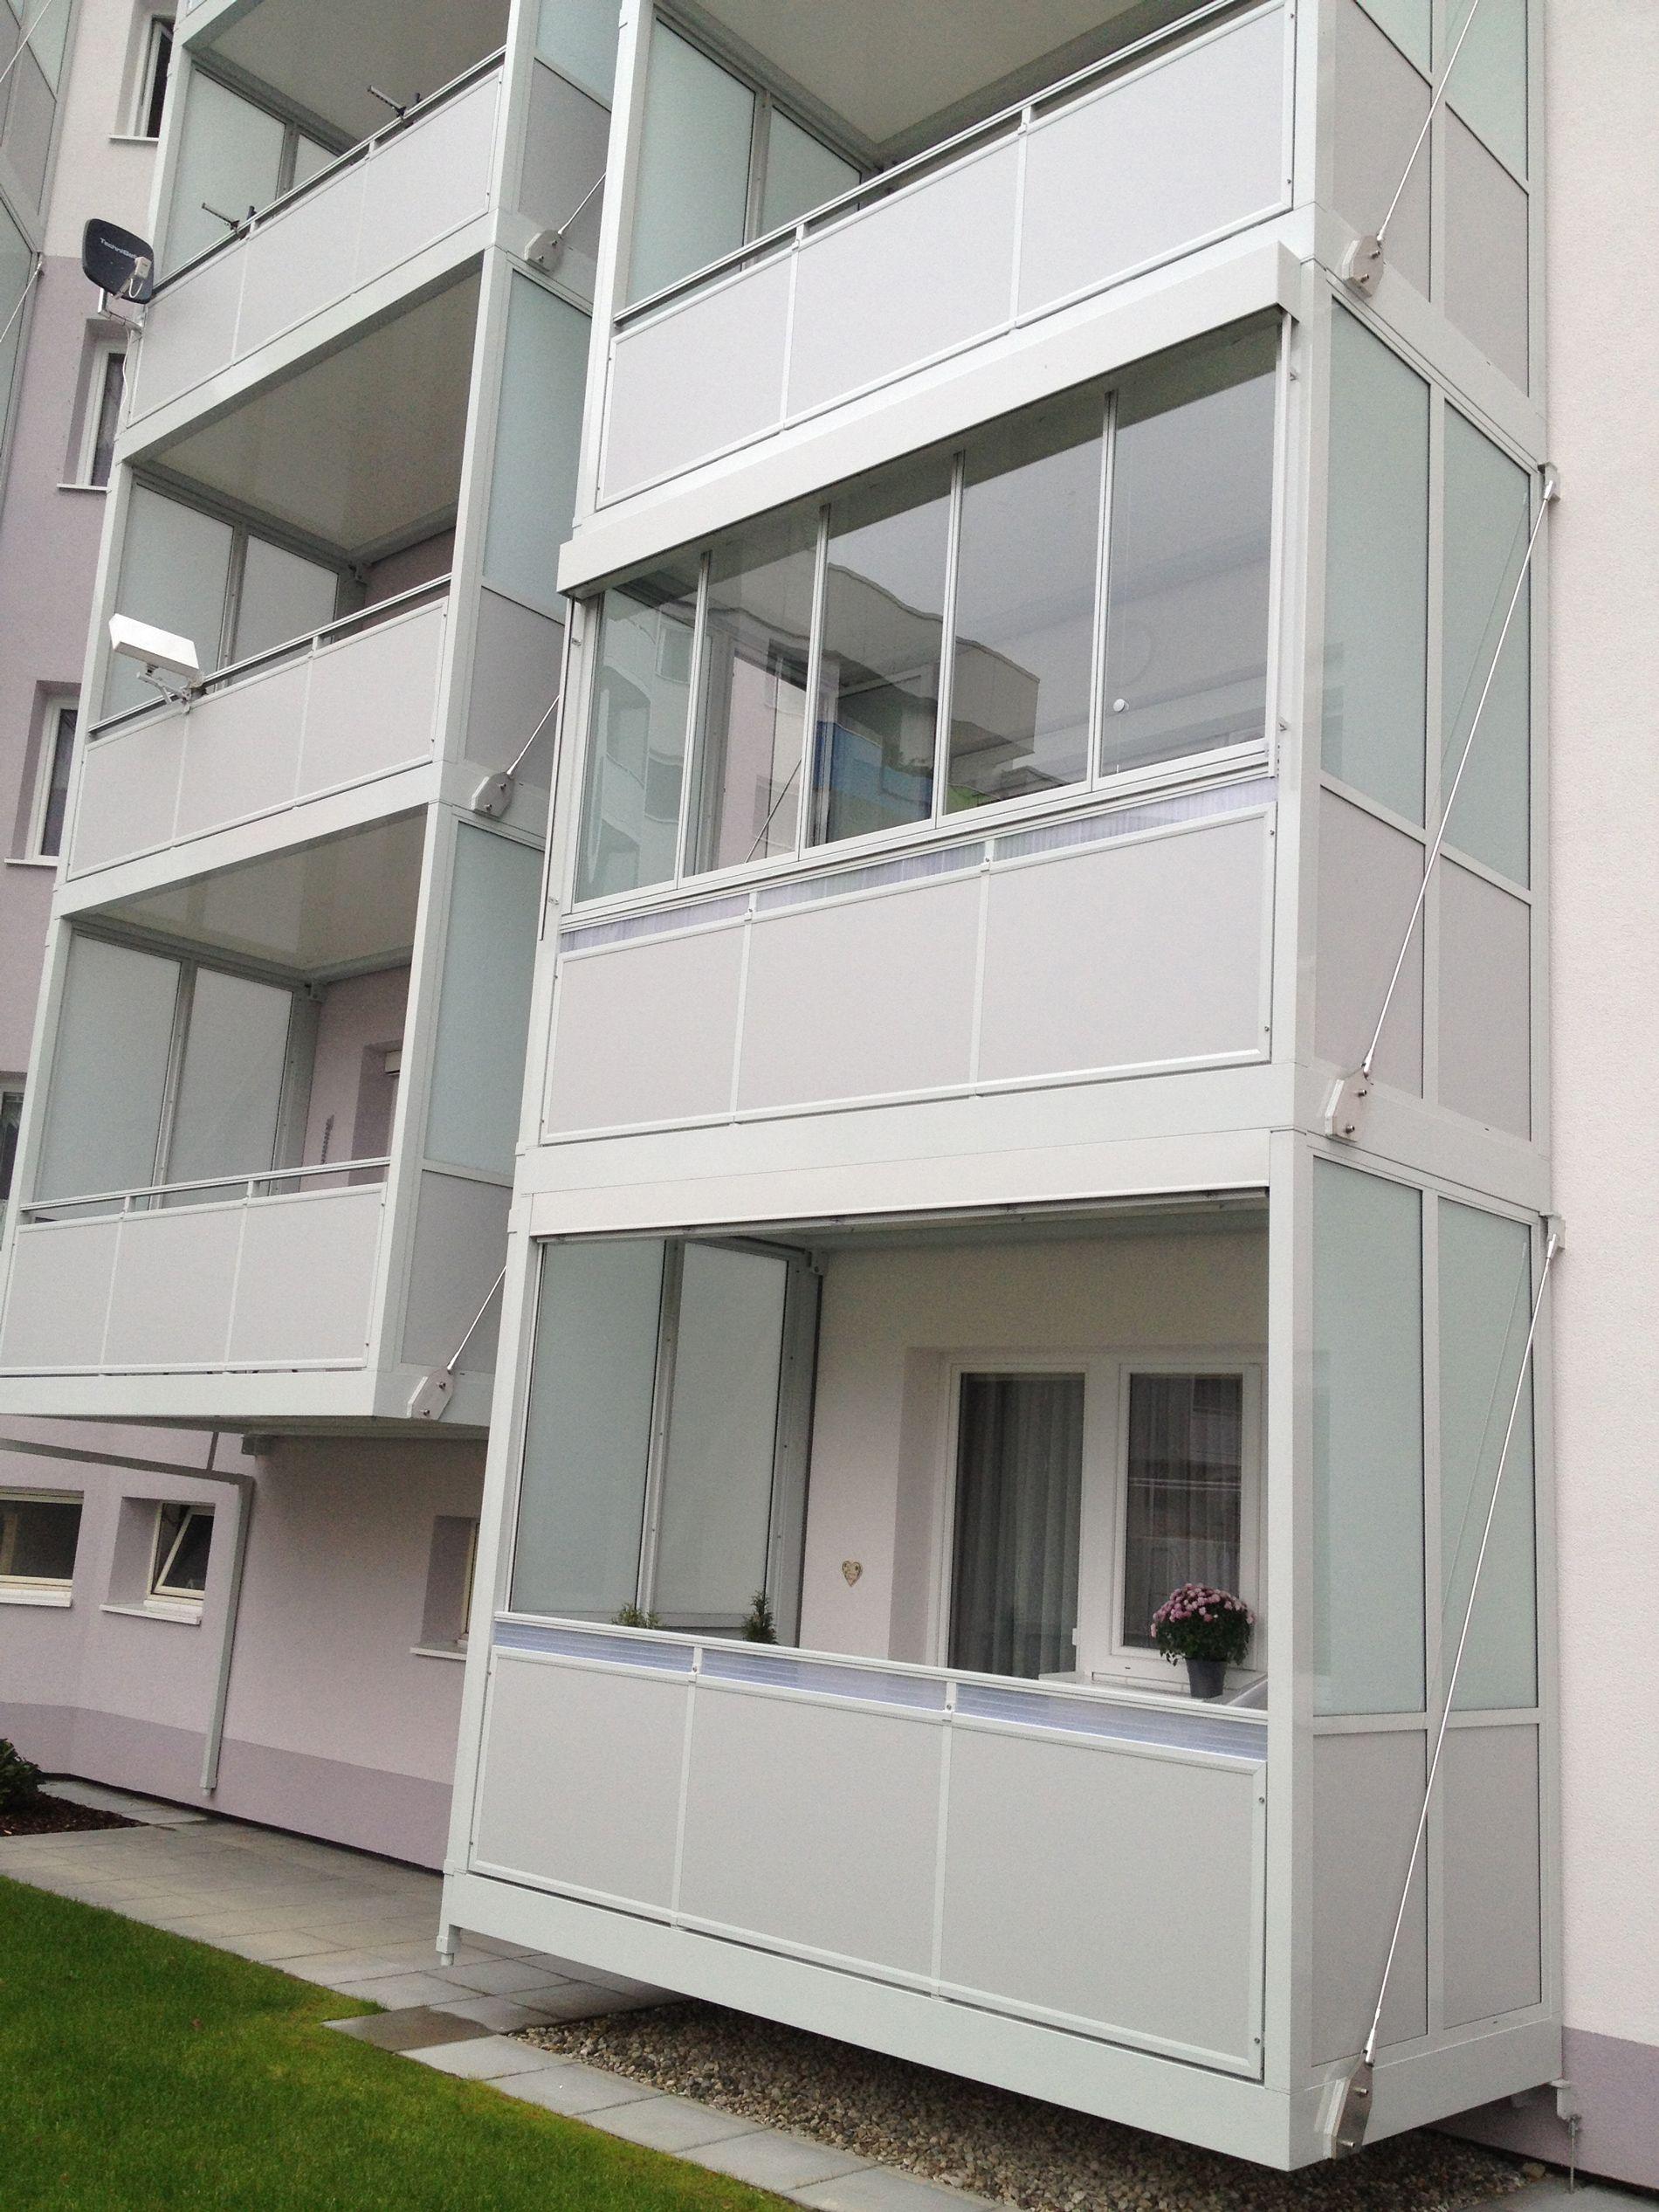 Schiebe Dreh Systeme Fur Balkon Glas In 2020 Balkon Glas Balkon